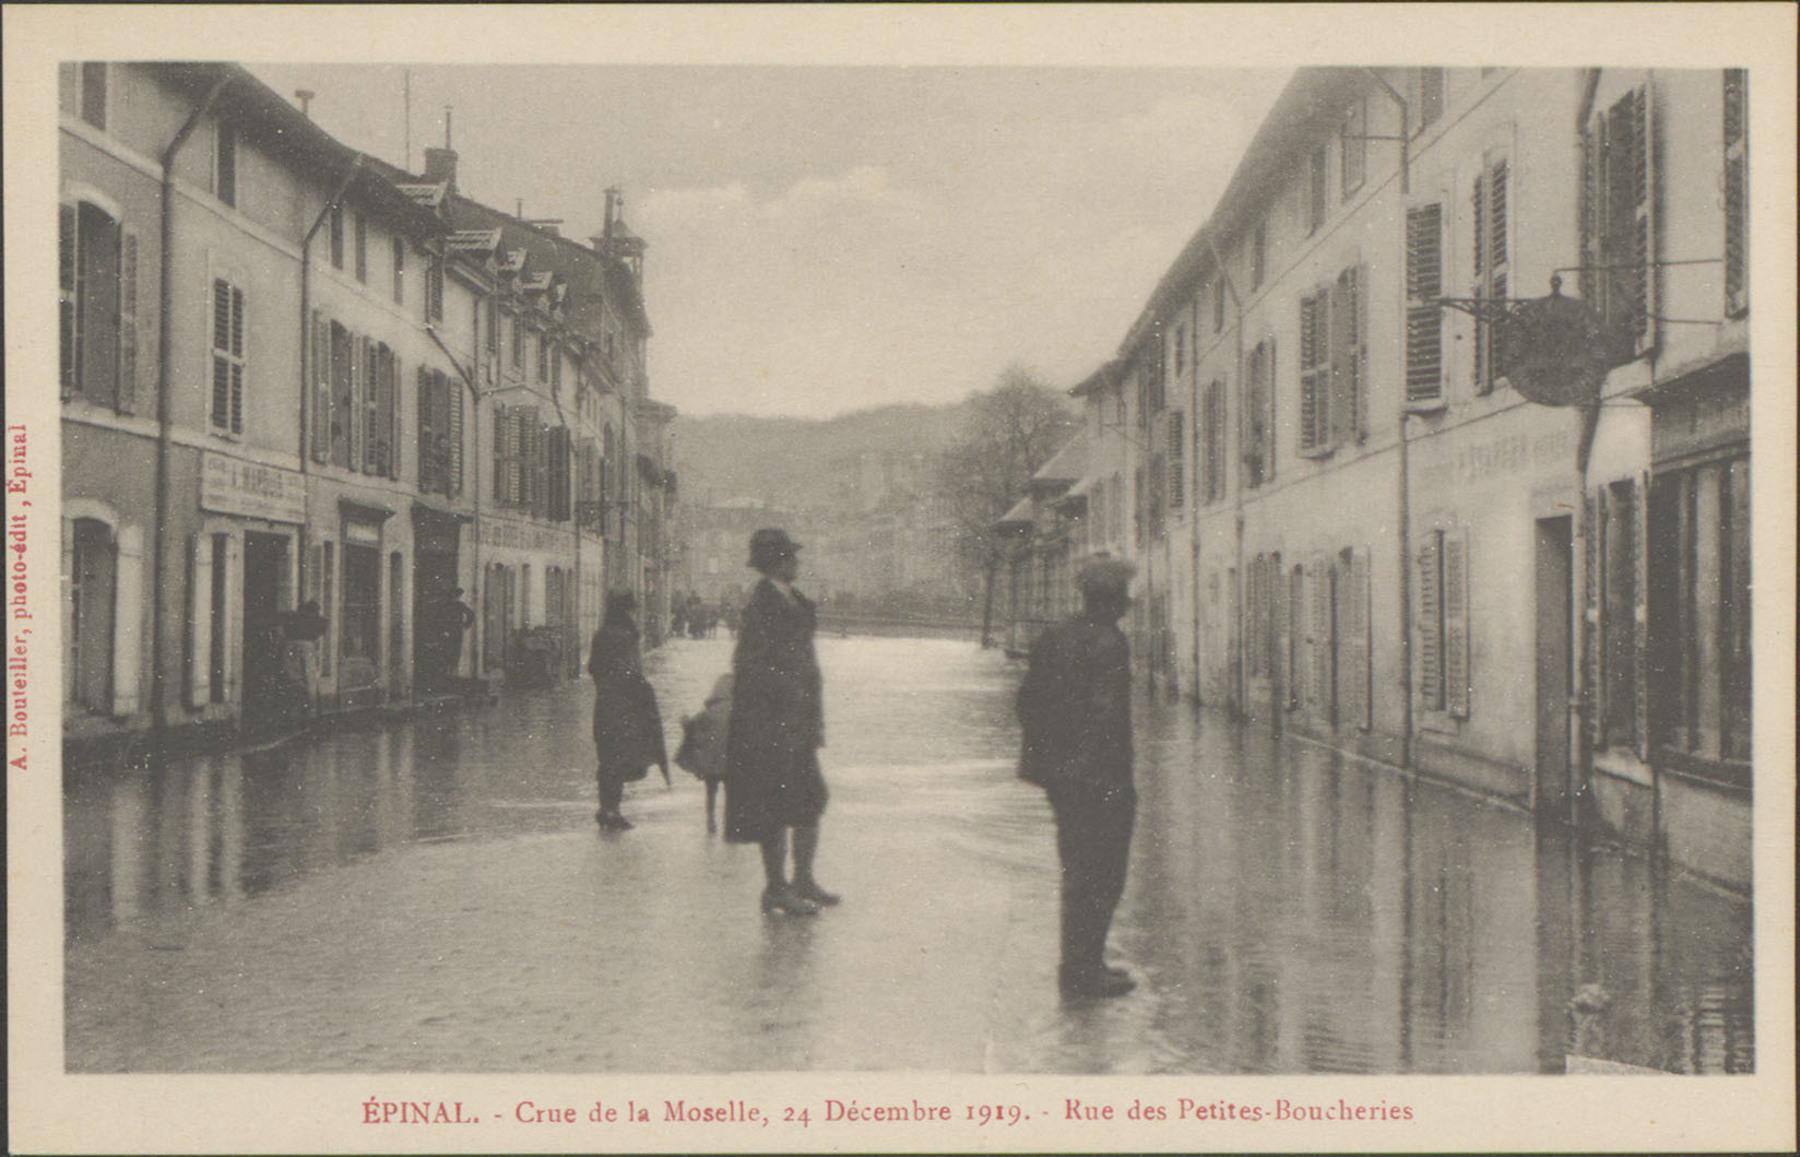 Contenu du Épinal, Crue de la Moselle, 24 décembre 1919, Rue des Petites-Boucheries